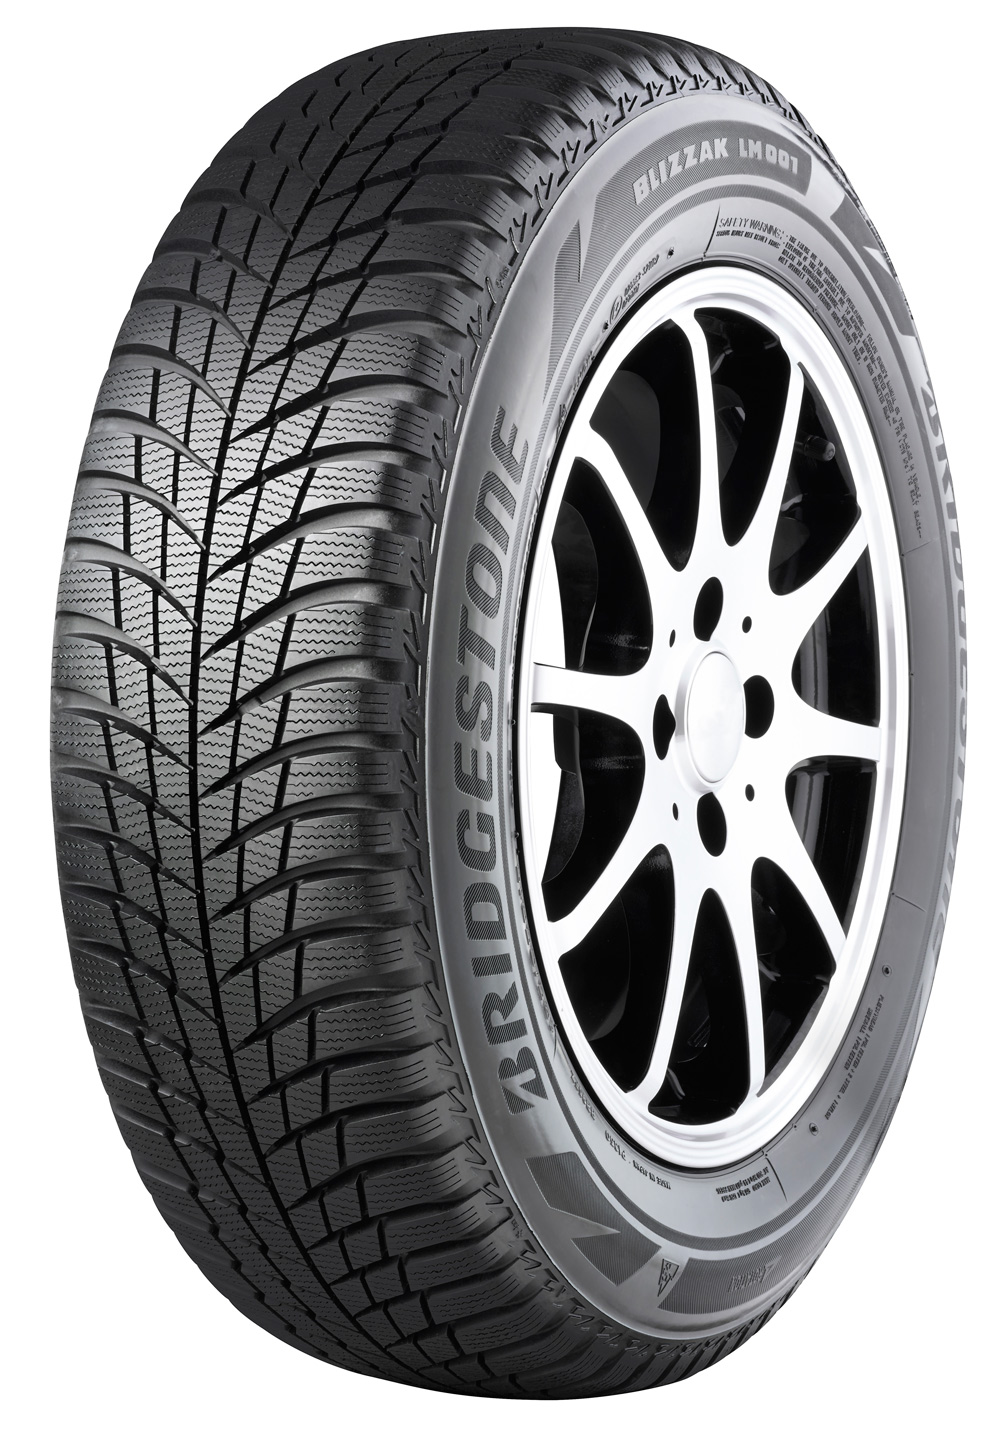 Bridgestone Blizzak Lm001 195/60 R 15 88T zimní